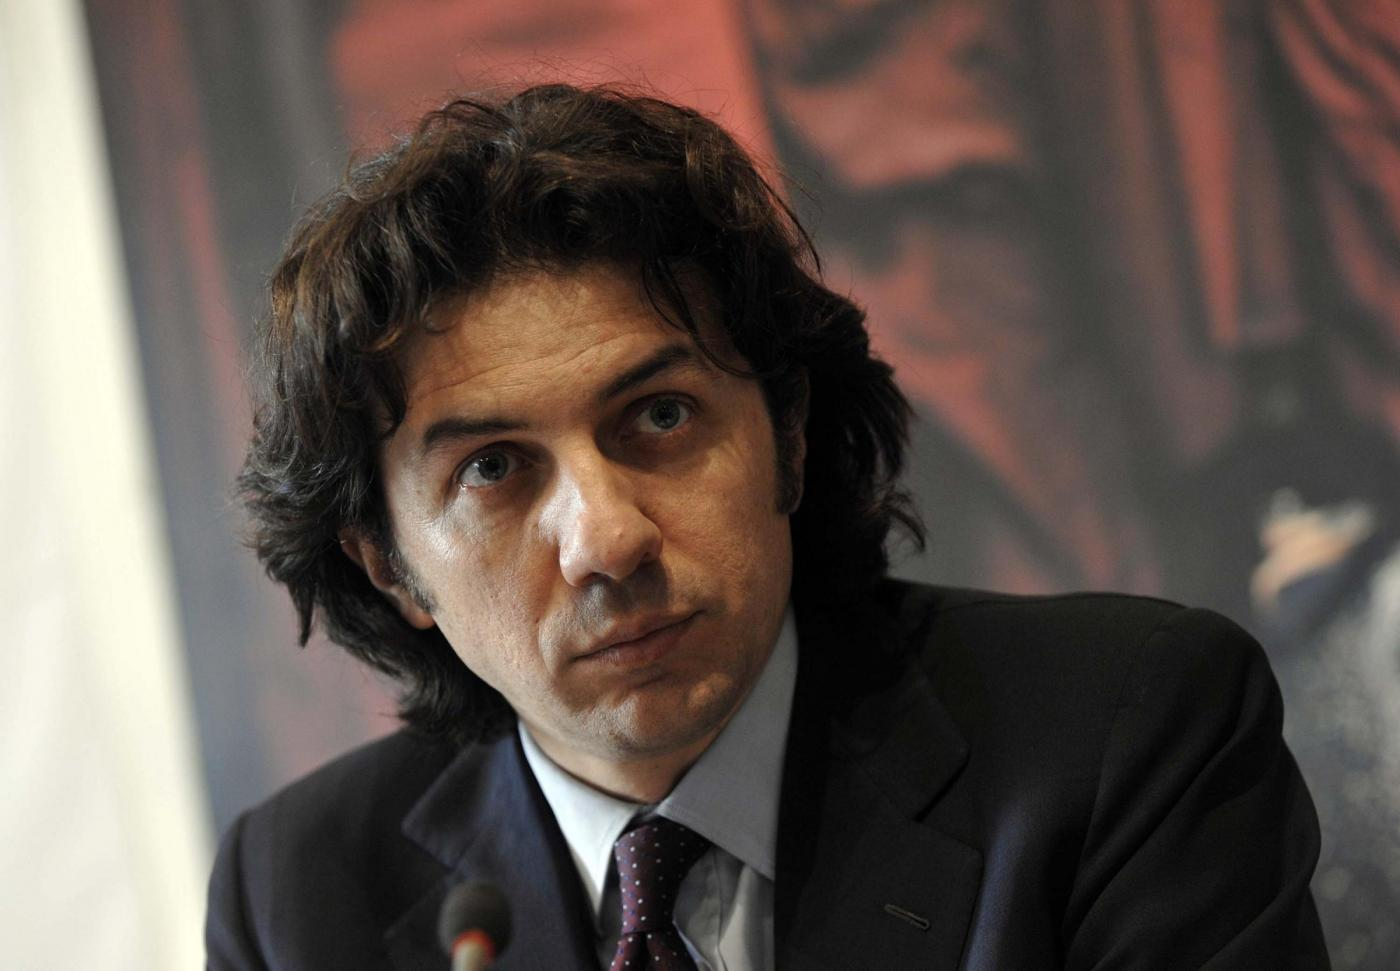 Conferenza stampa dei Radicali Italiani per la legge sul fine vita